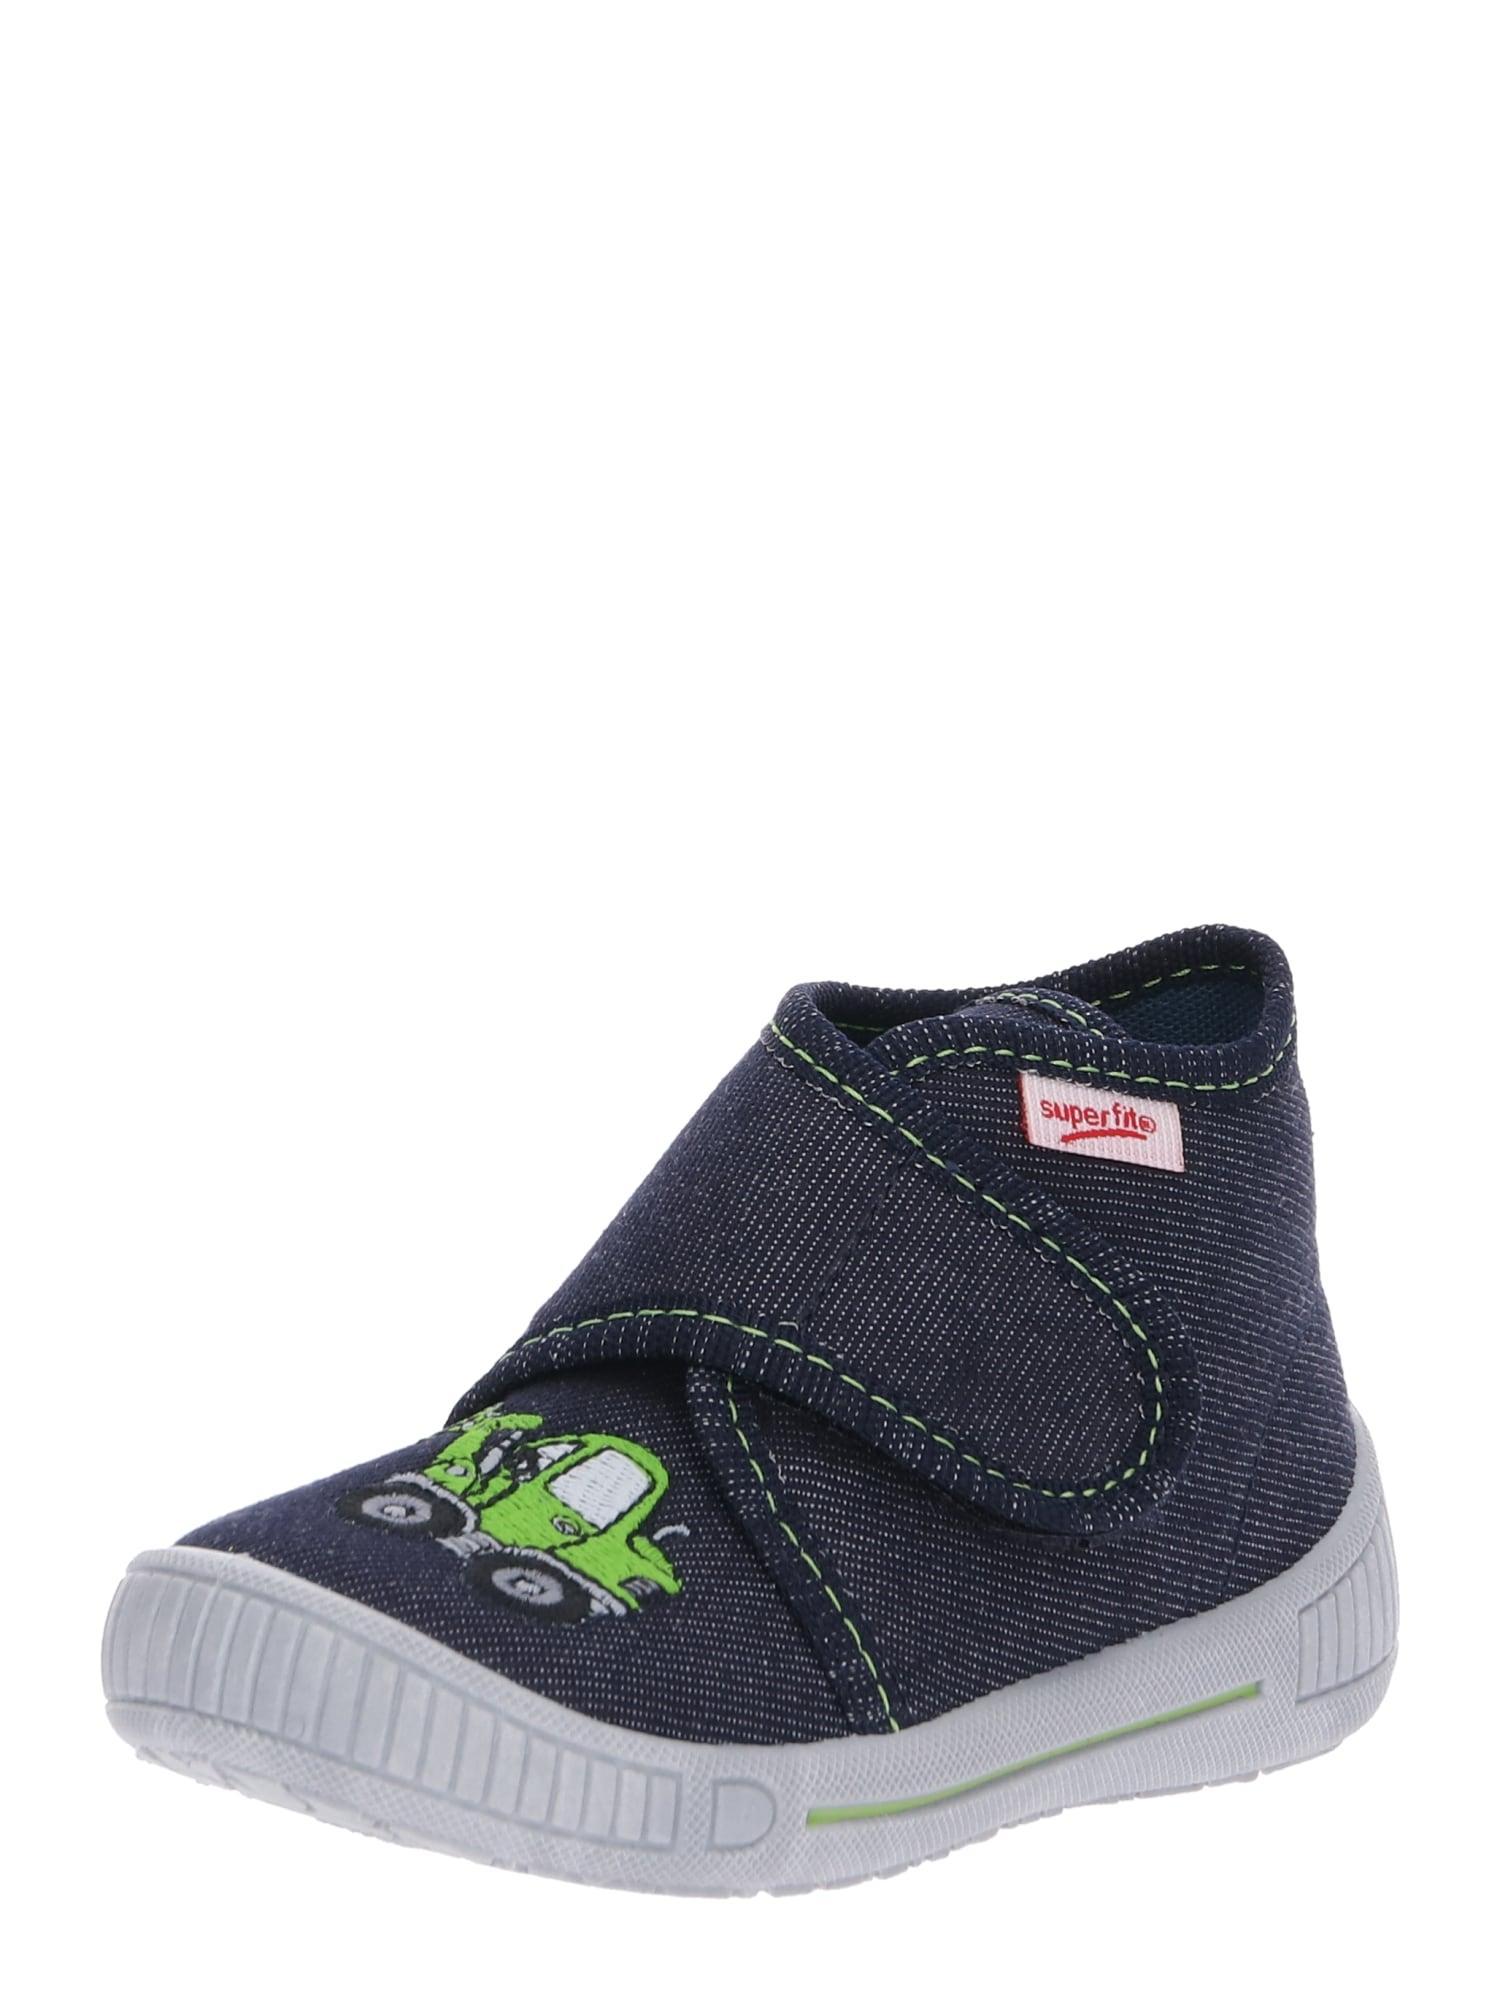 Pantofle BULLY modrá džínovina zelená SUPERFIT